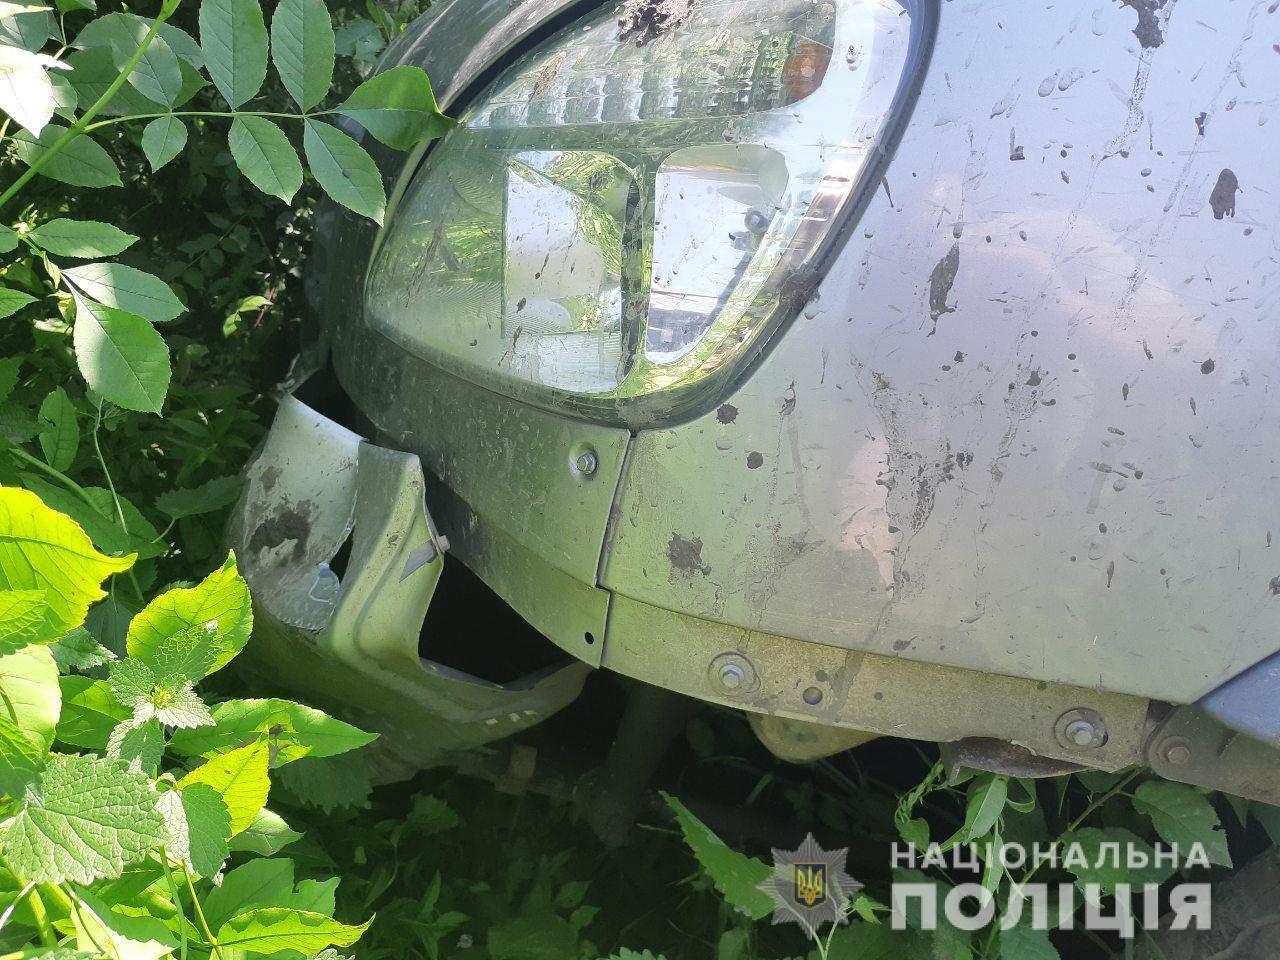 У Ямпільському районі чоловік на мотоблоку зіткнувся з вантажівкою (Фото)